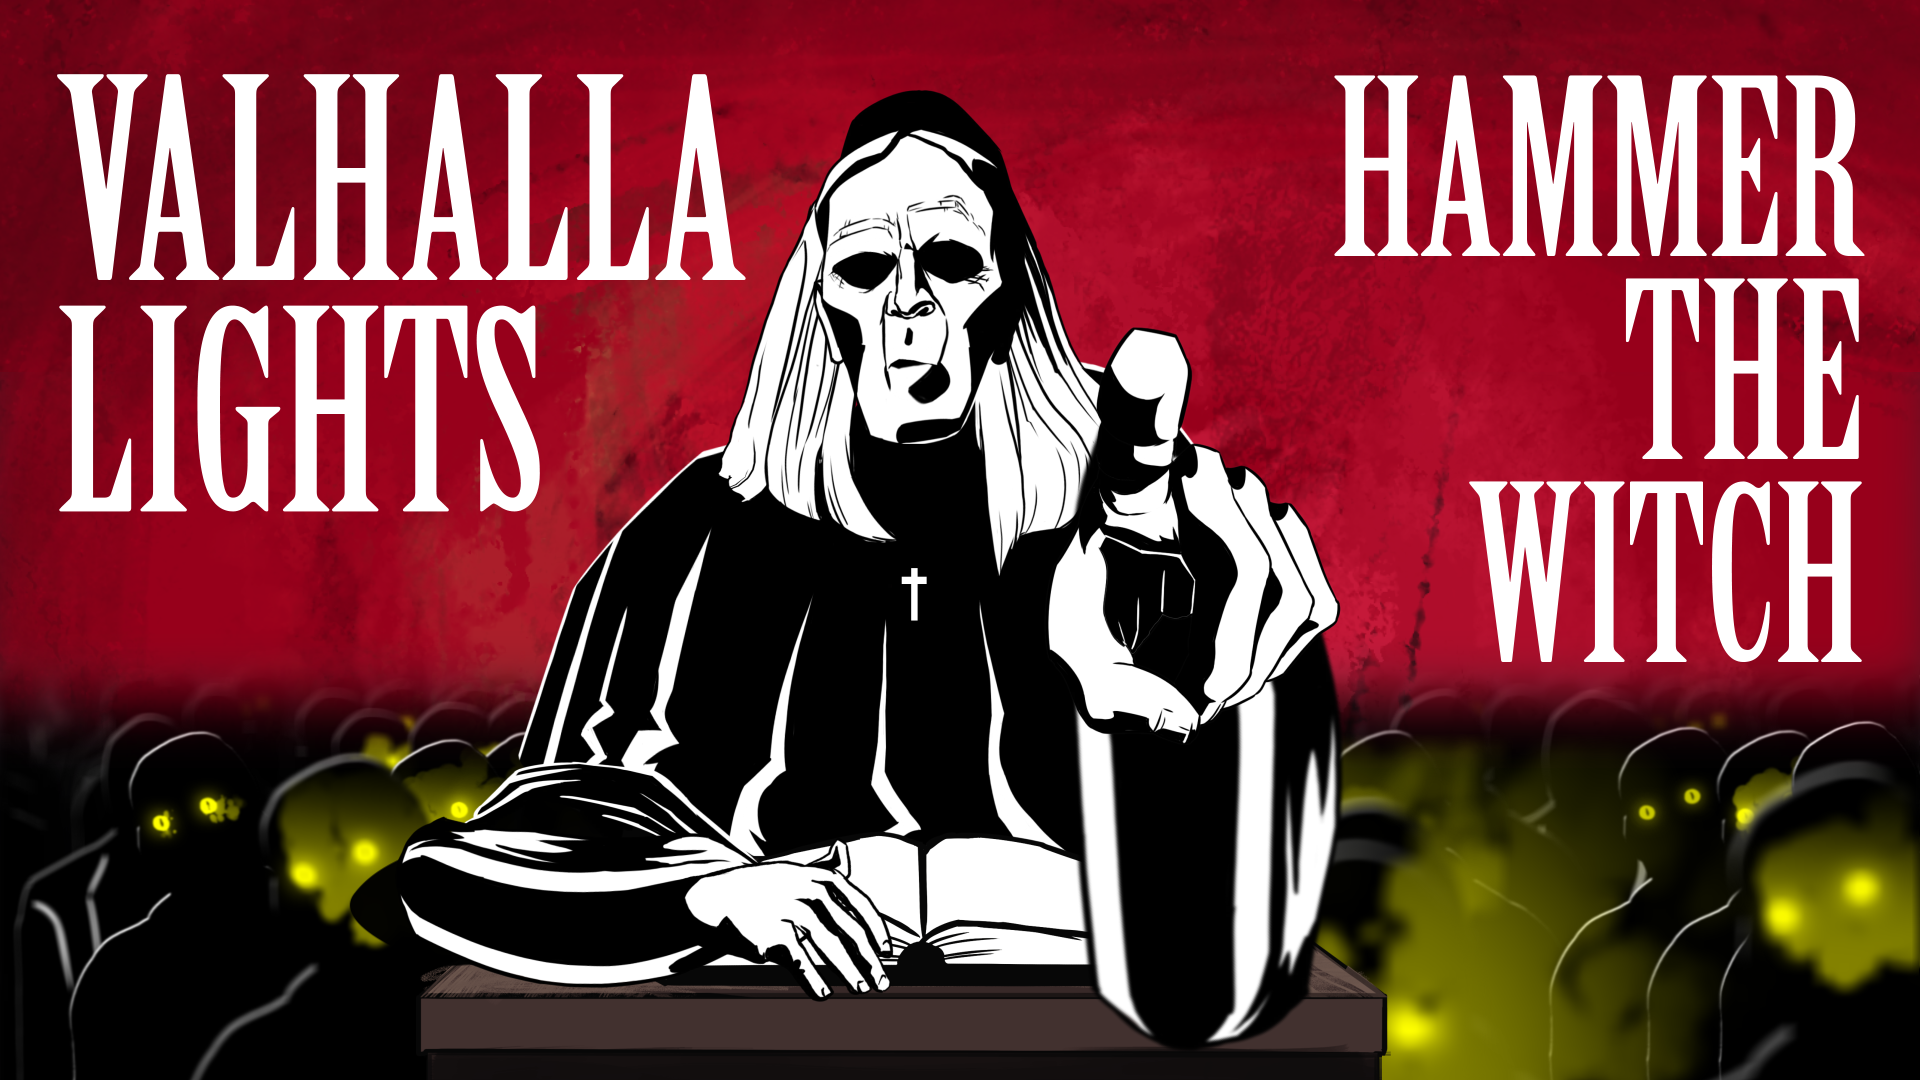 Valhalla Lights - Hammer The Witch